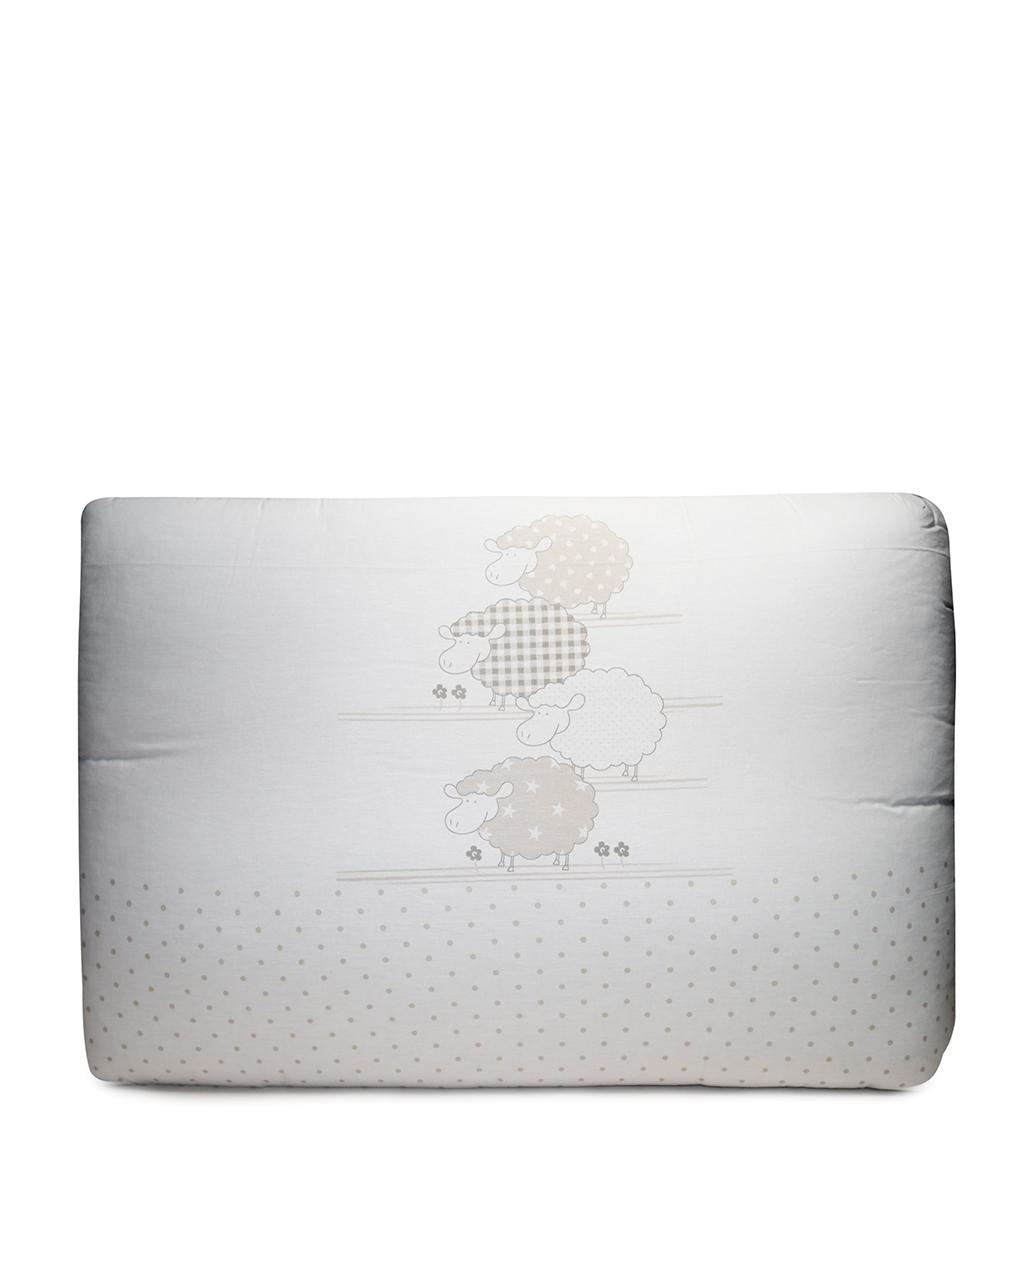 Letto - paracolpi lettino con stampa pecorelle - Prénatal